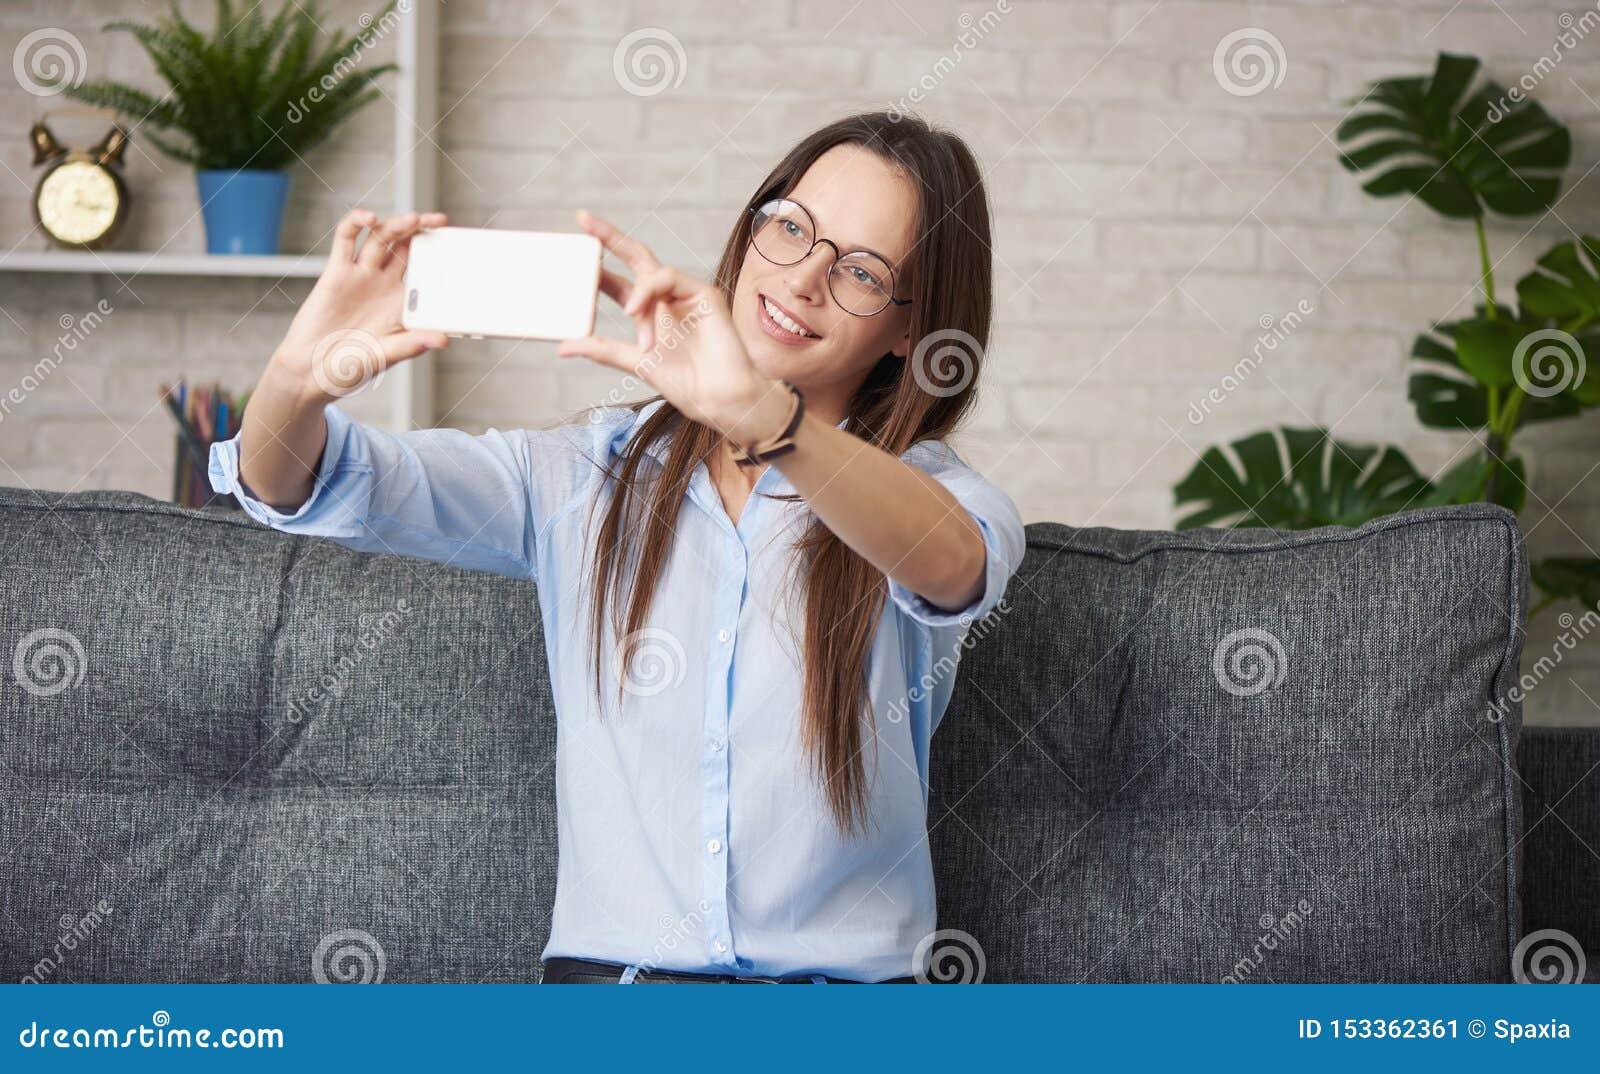 Nätt flicka som gör selfie, medan sitta på en soffa